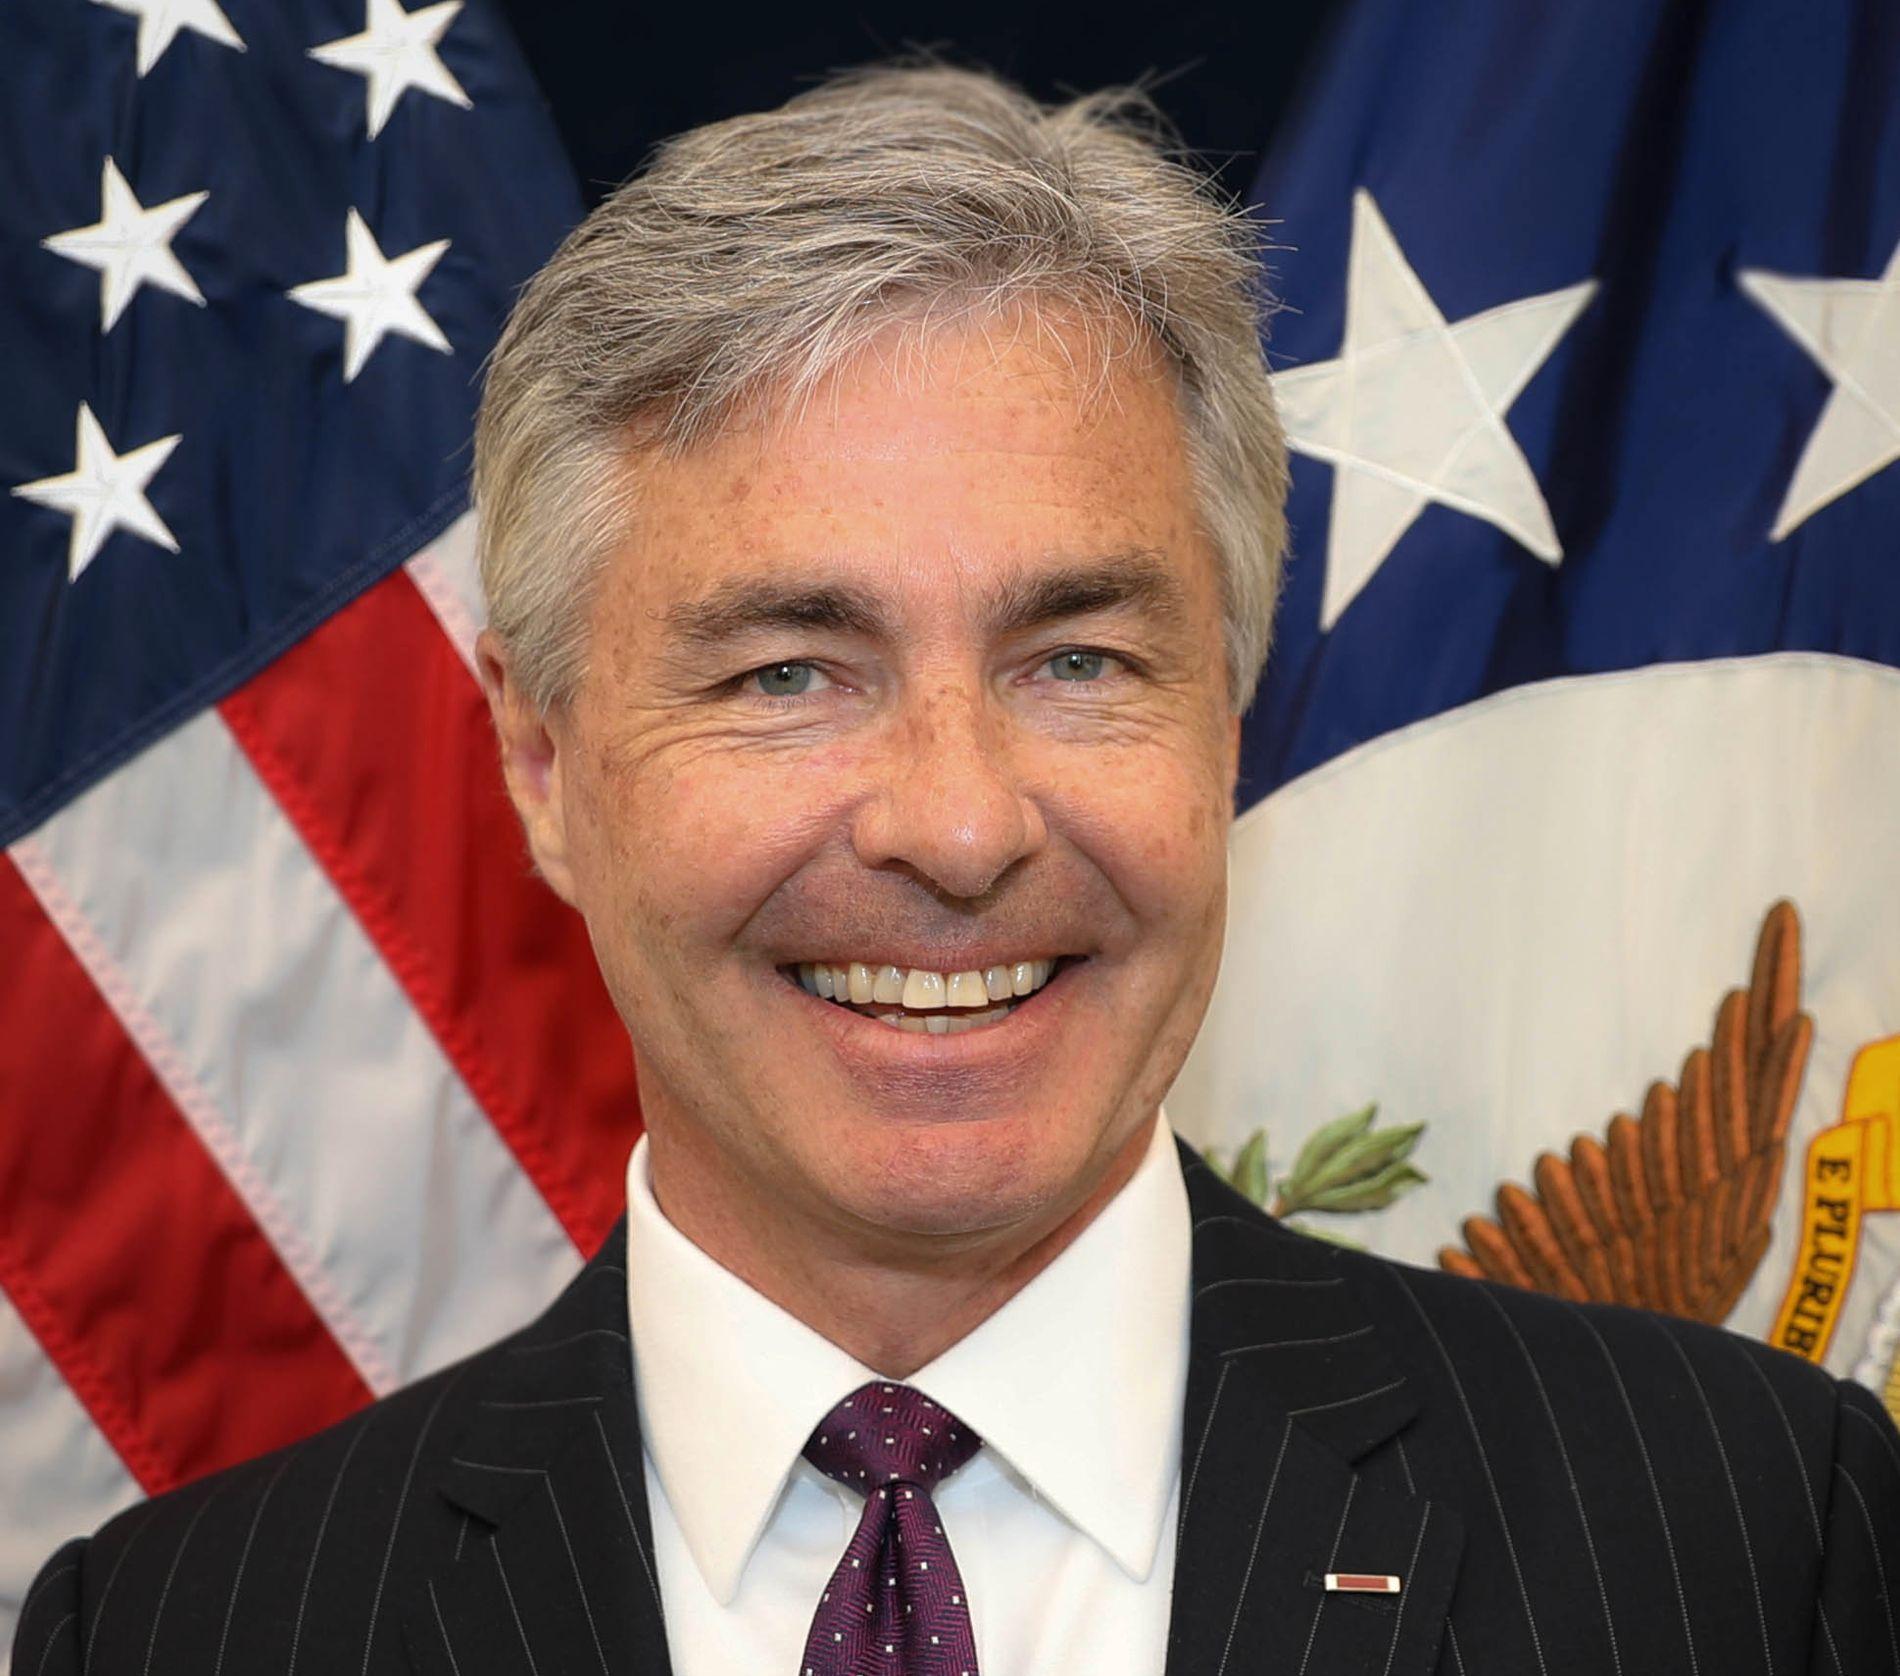 SKRIVER I VG: Kontreadmiral Kenneth J. Braithwaite, U.S. Navy (pensjonert), er den 31. amerikanske ambassadør til Norge. Han er en tidligere marinepilot og karriereoffiser i Marinen, og var mest nylig direktør i den private helsesektoren.